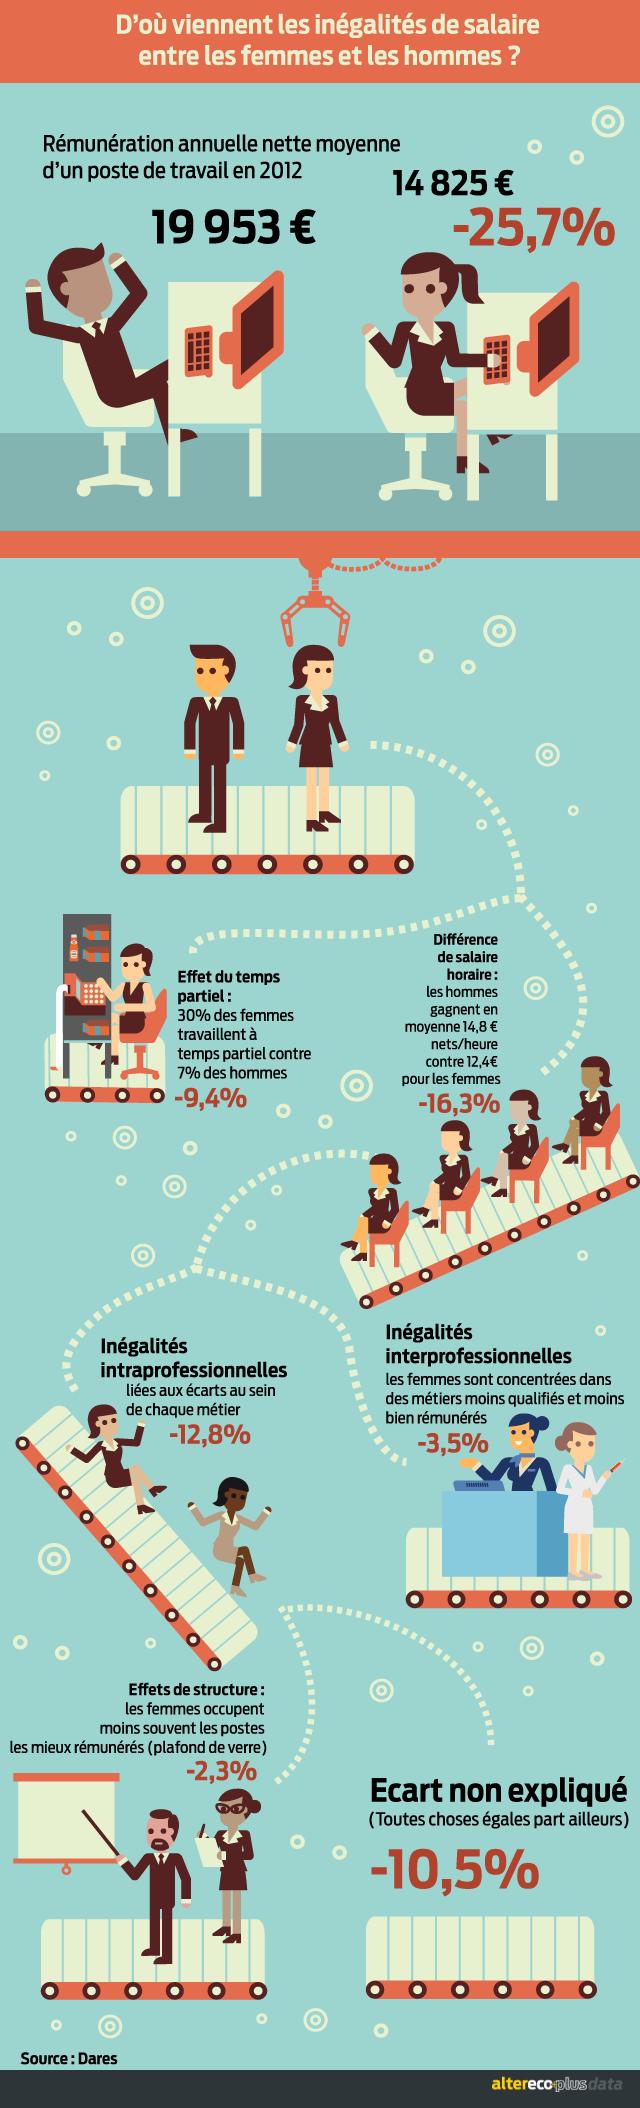 infographie inégalité hommes femmes 7novembre2016